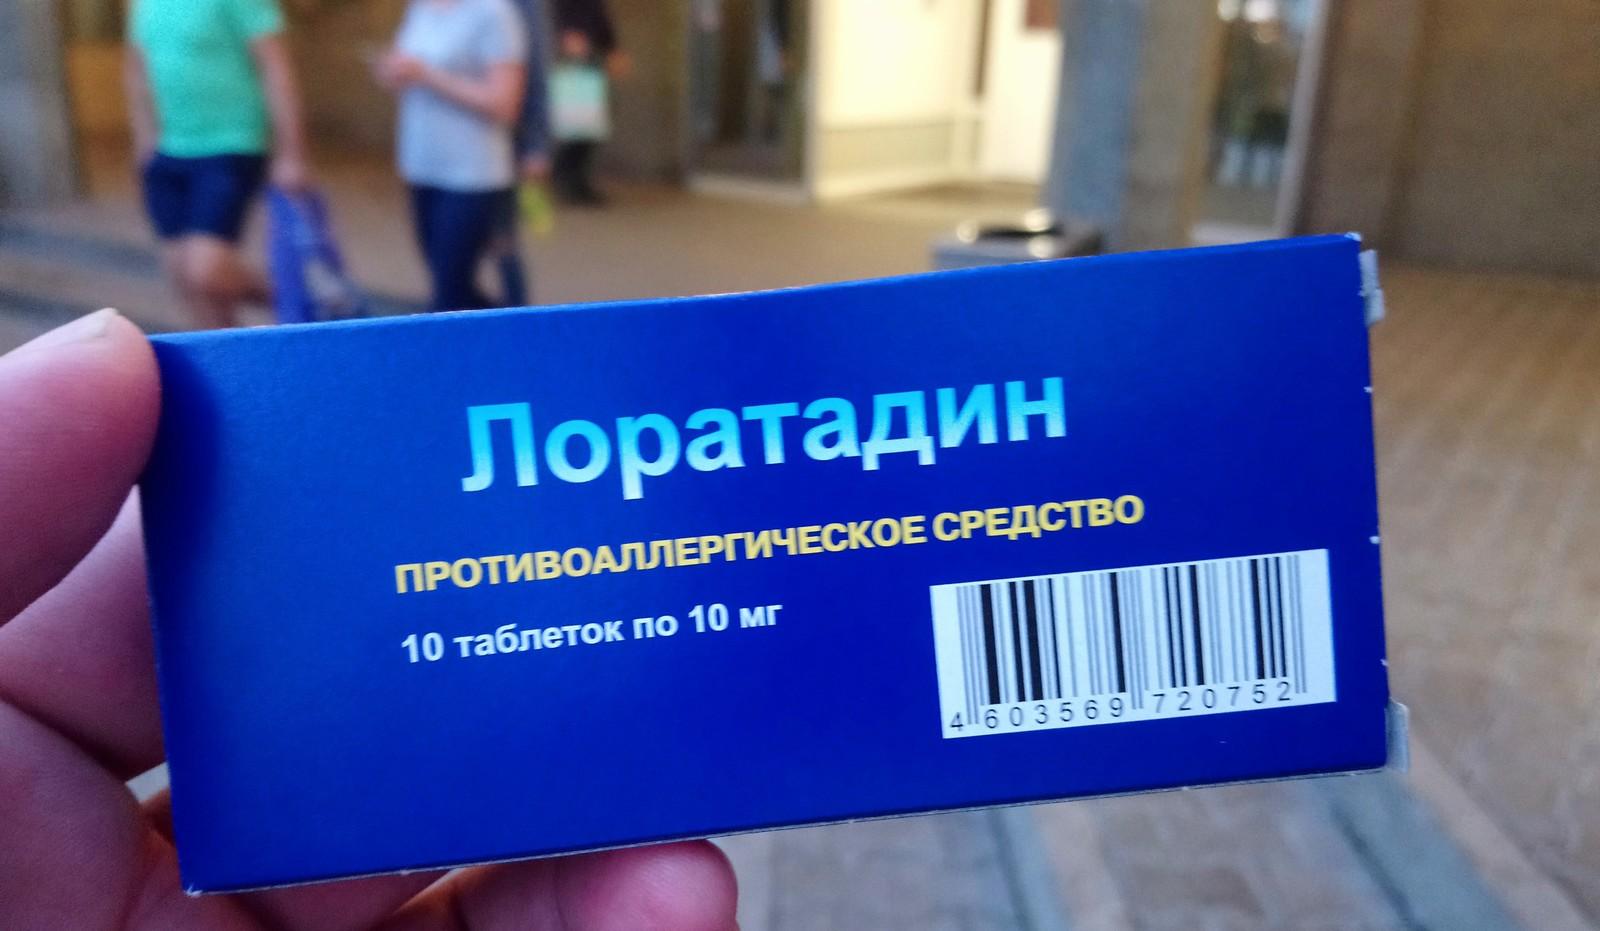 лида таблетки для похудения цена в аптеке жнвлс